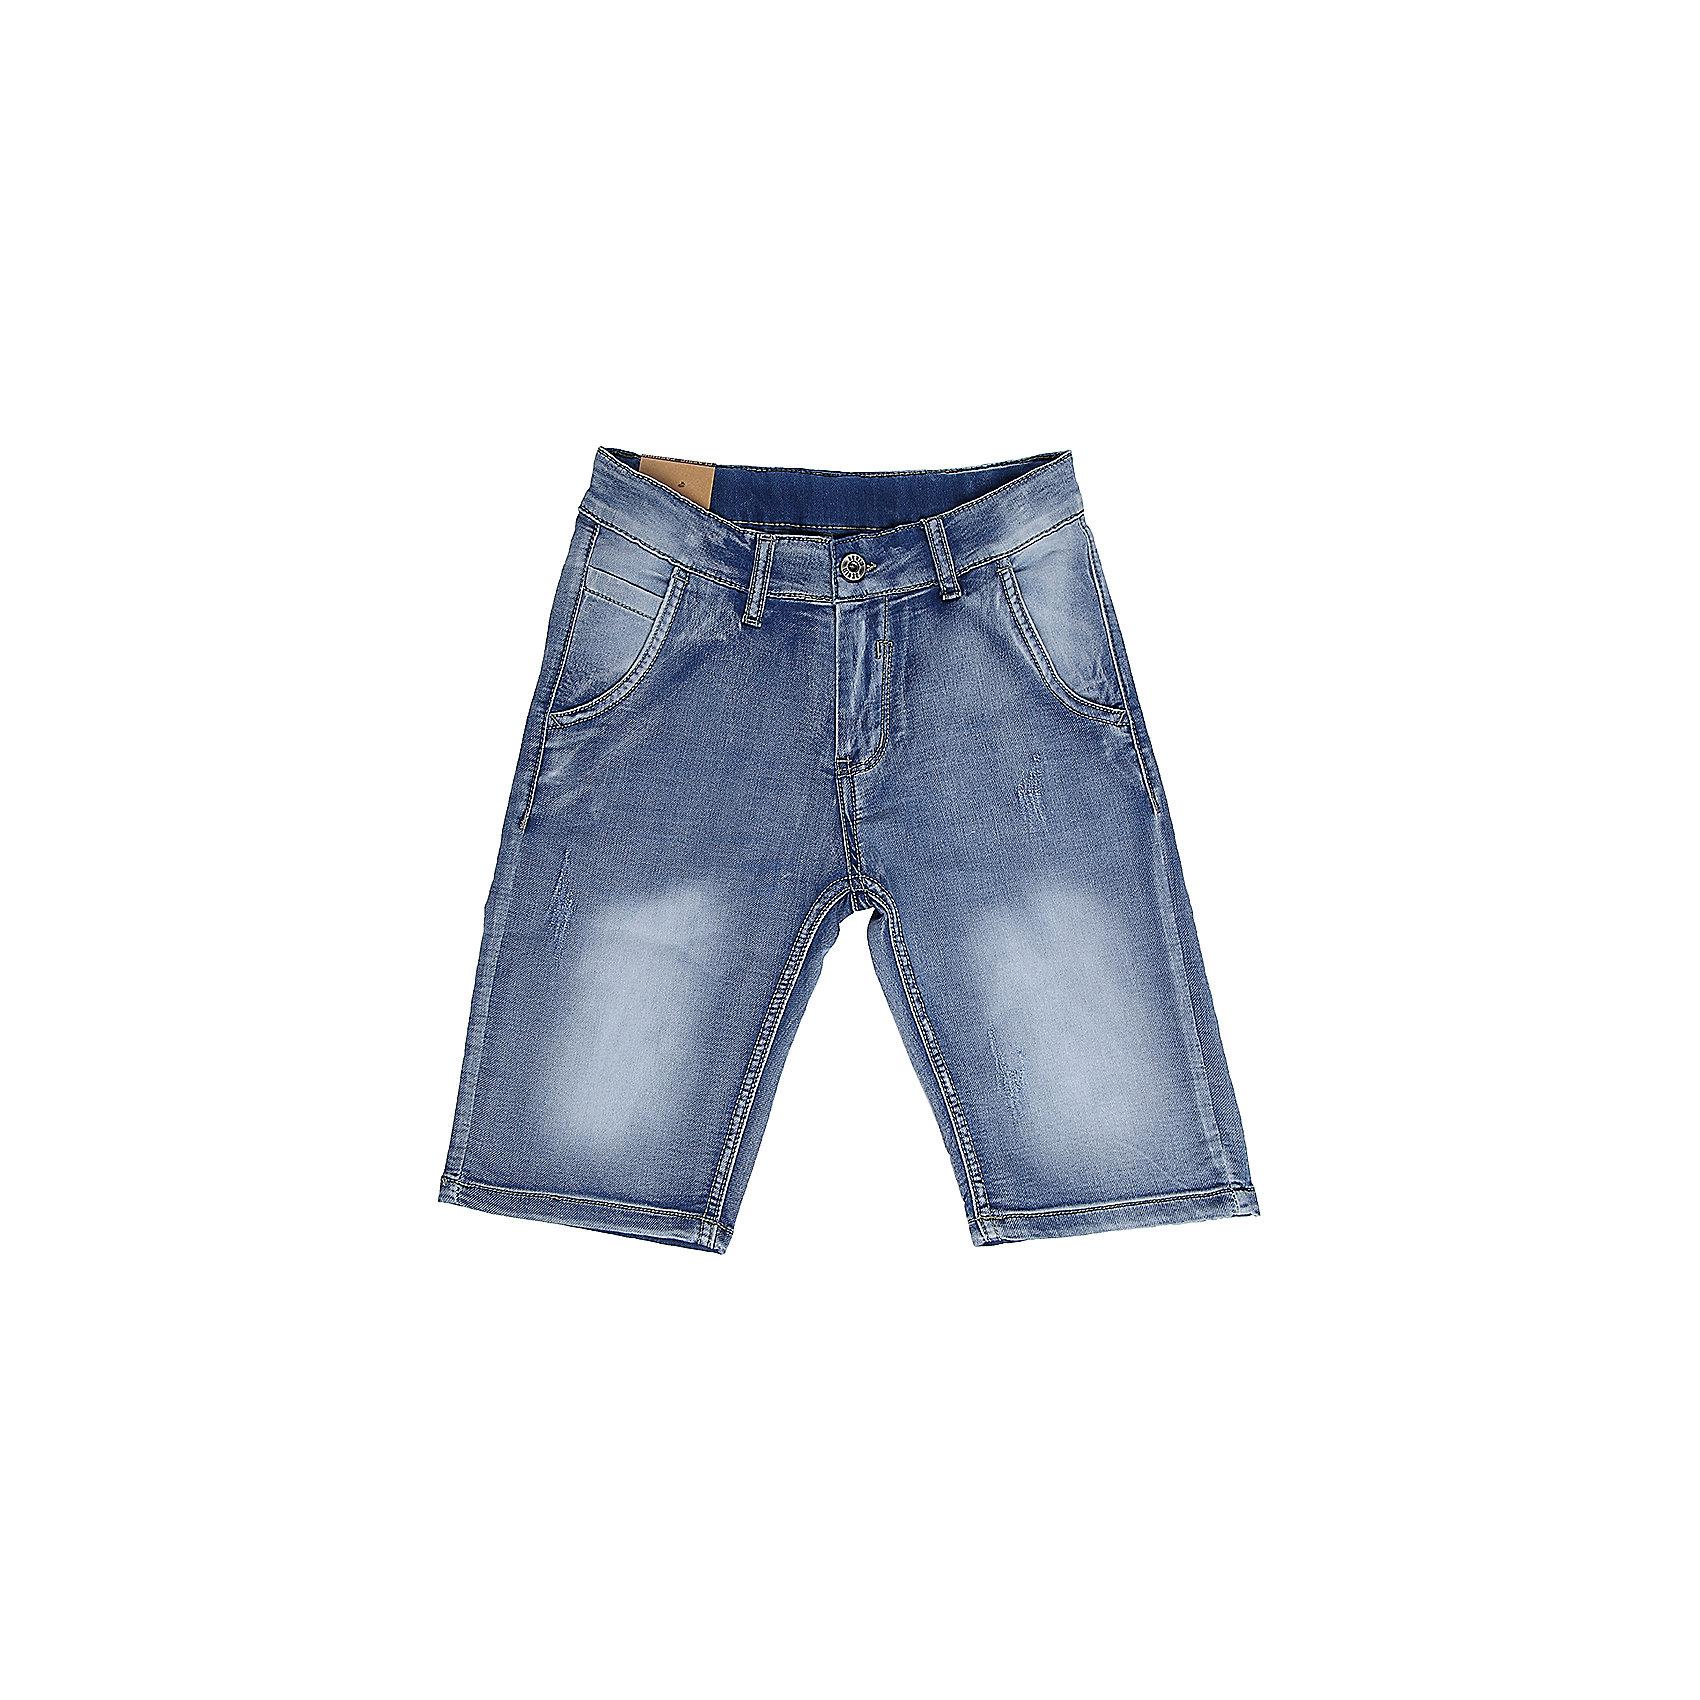 Шорты для мальчика LuminosoДжинсовые шорты для мальчика. Застегиваются на молнию и пуговицу.   В боковой части пояса находятся вшитые эластичные ленты, регулирующие посадку по талии.<br>Состав:<br>98%хлопок 2%эластан<br><br>Ширина мм: 191<br>Глубина мм: 10<br>Высота мм: 175<br>Вес г: 273<br>Цвет: синий<br>Возраст от месяцев: 156<br>Возраст до месяцев: 168<br>Пол: Мужской<br>Возраст: Детский<br>Размер: 164,134,140,146,152,158<br>SKU: 5409475